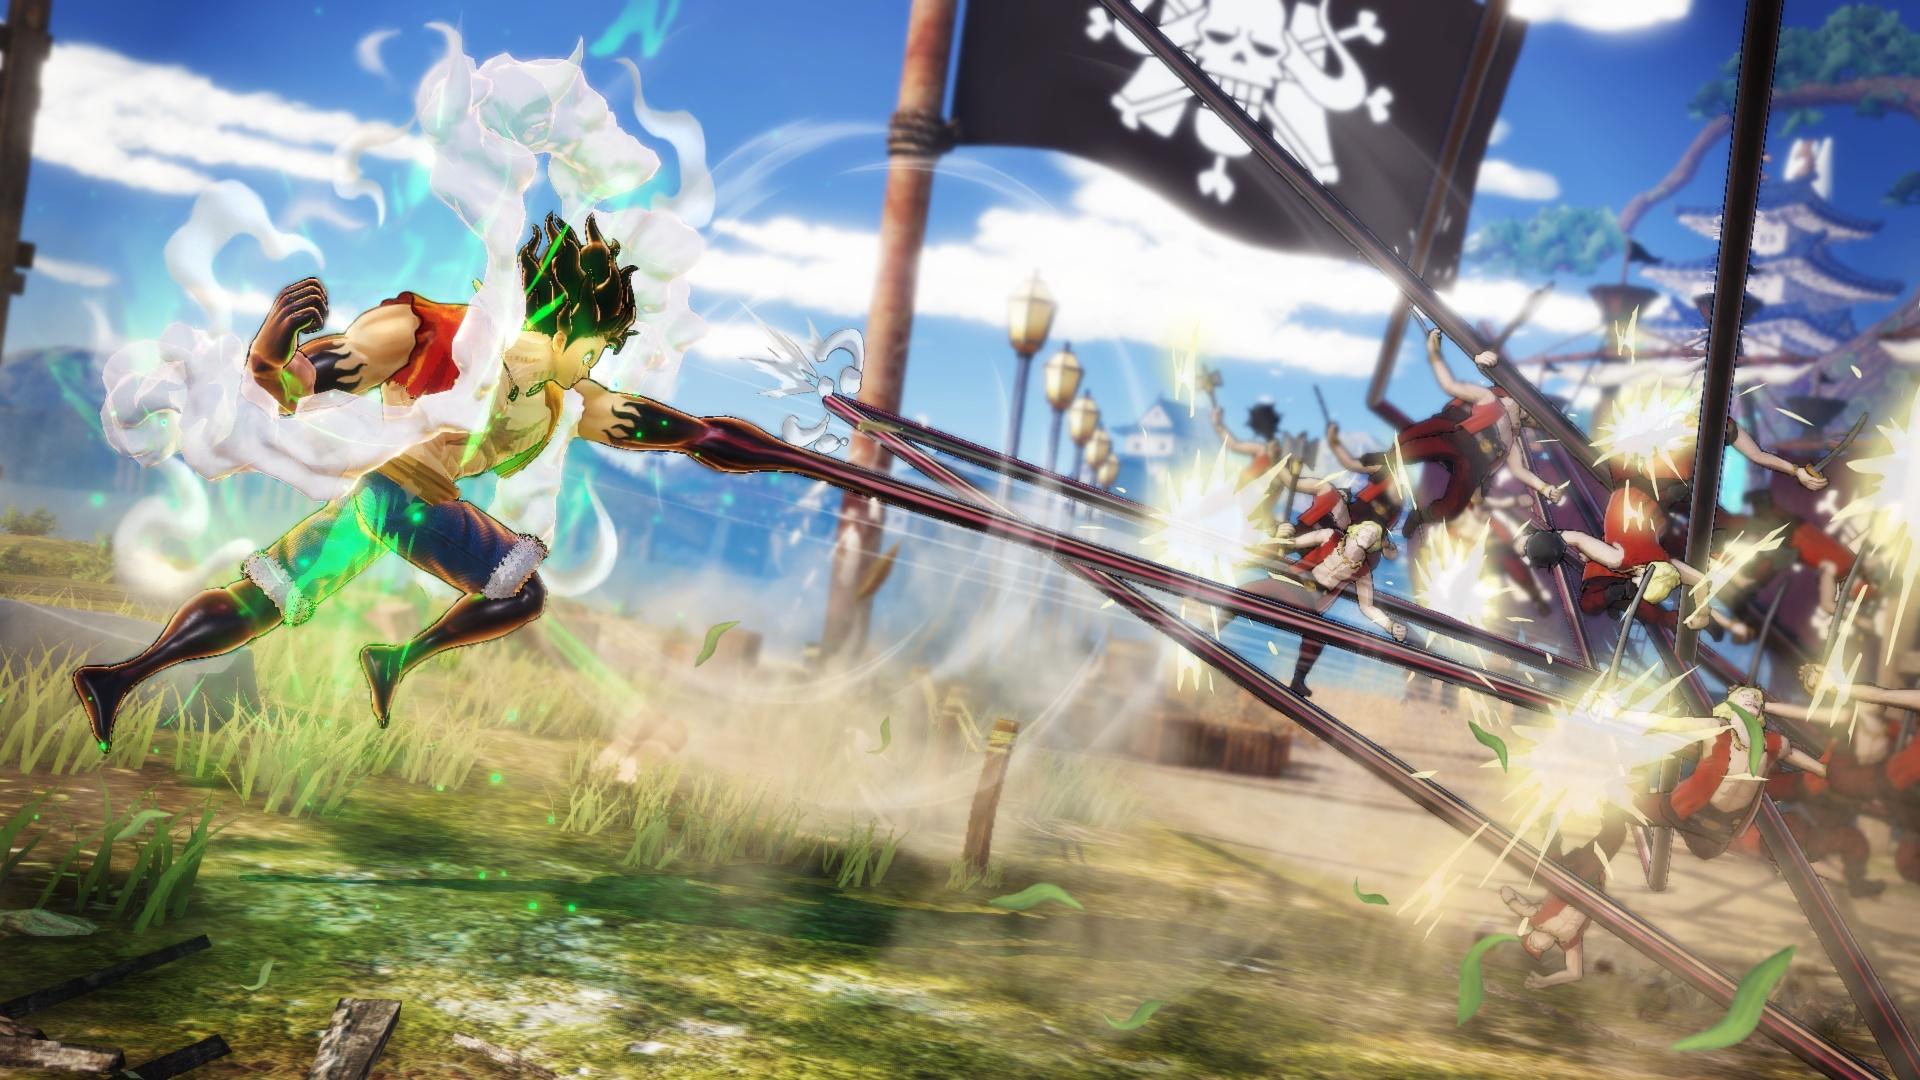 Мультиплеерный режим One Piece: Pirate Warriors4 показали в трейлере